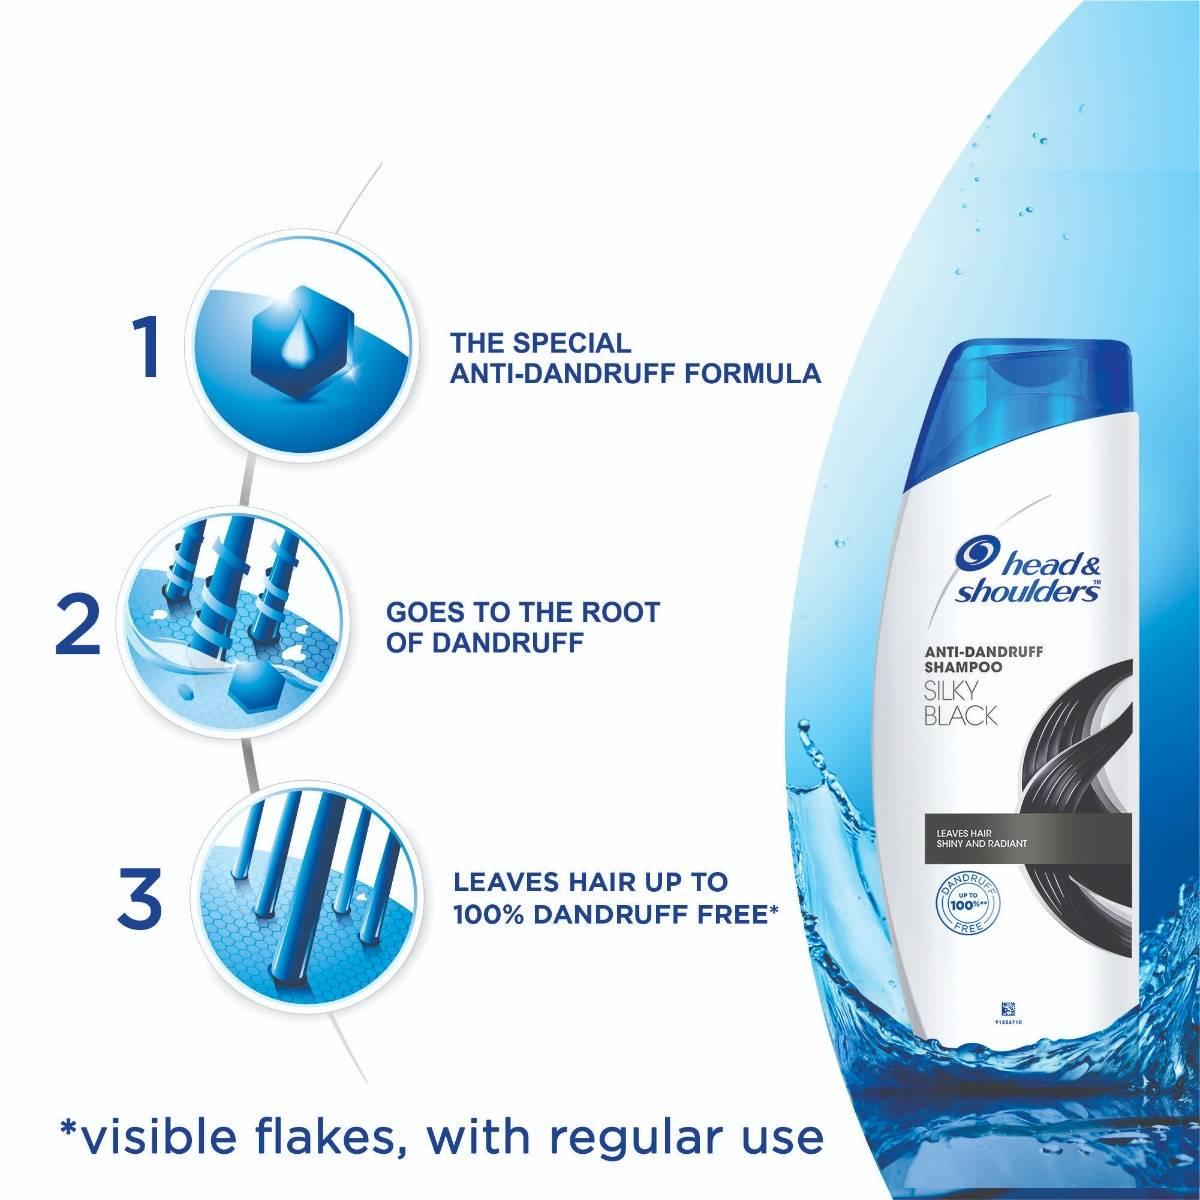 Head & Shoulders Anti-Dandruff Silky Black Shampoo, 72 ml, Pack of 1